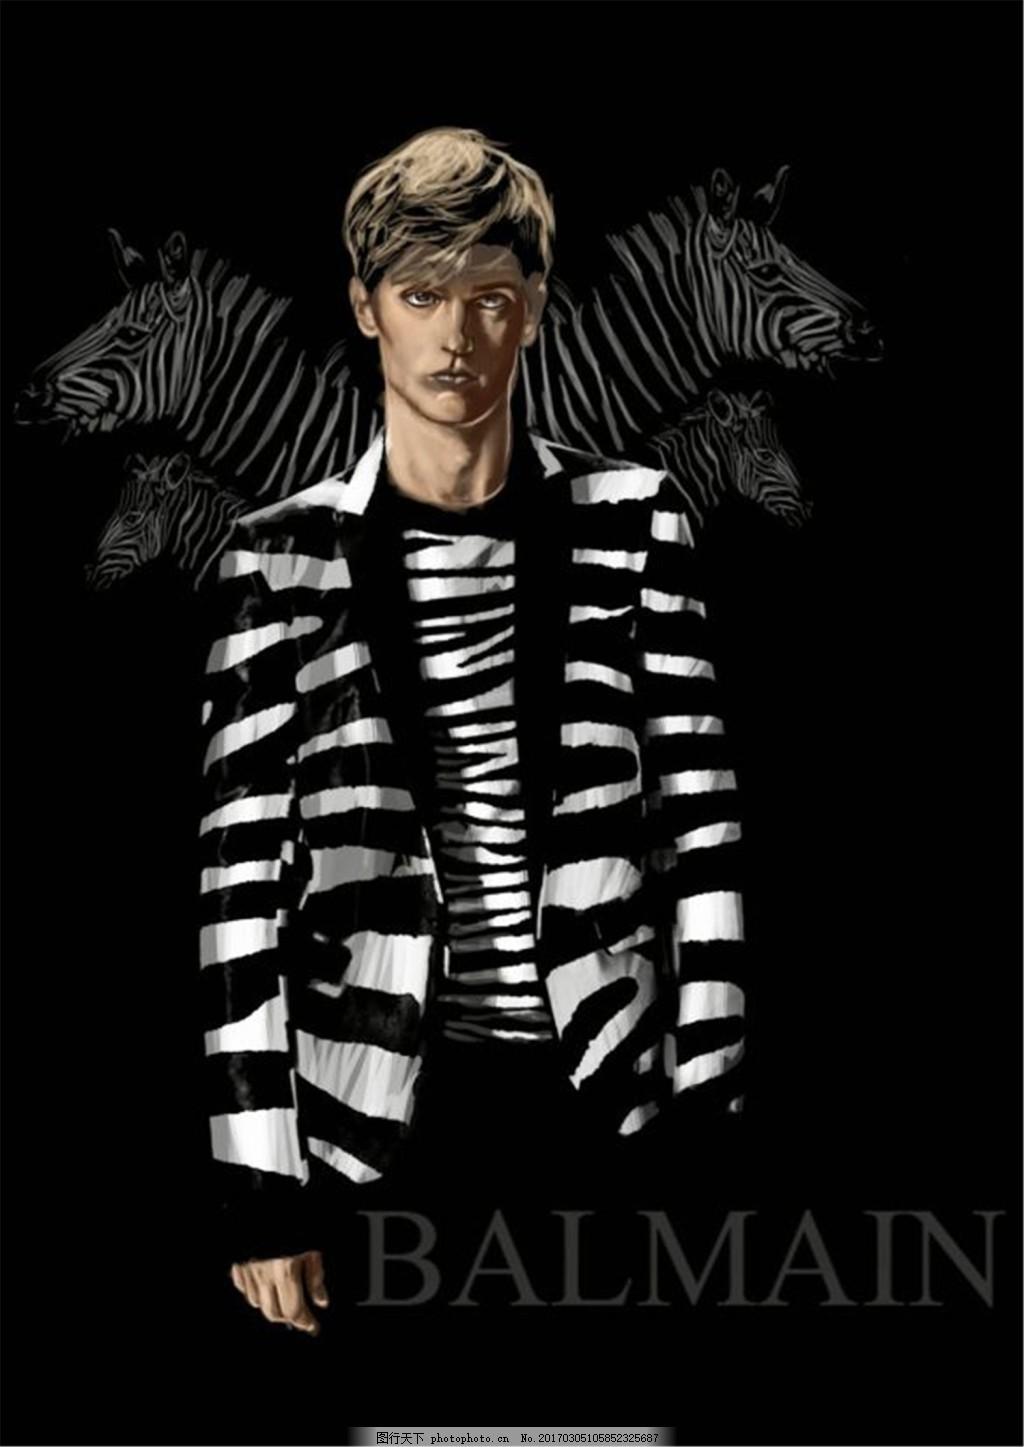 条纹男装设计图 服装设计 时尚男装 职业男装 职业装 男装设计效果图